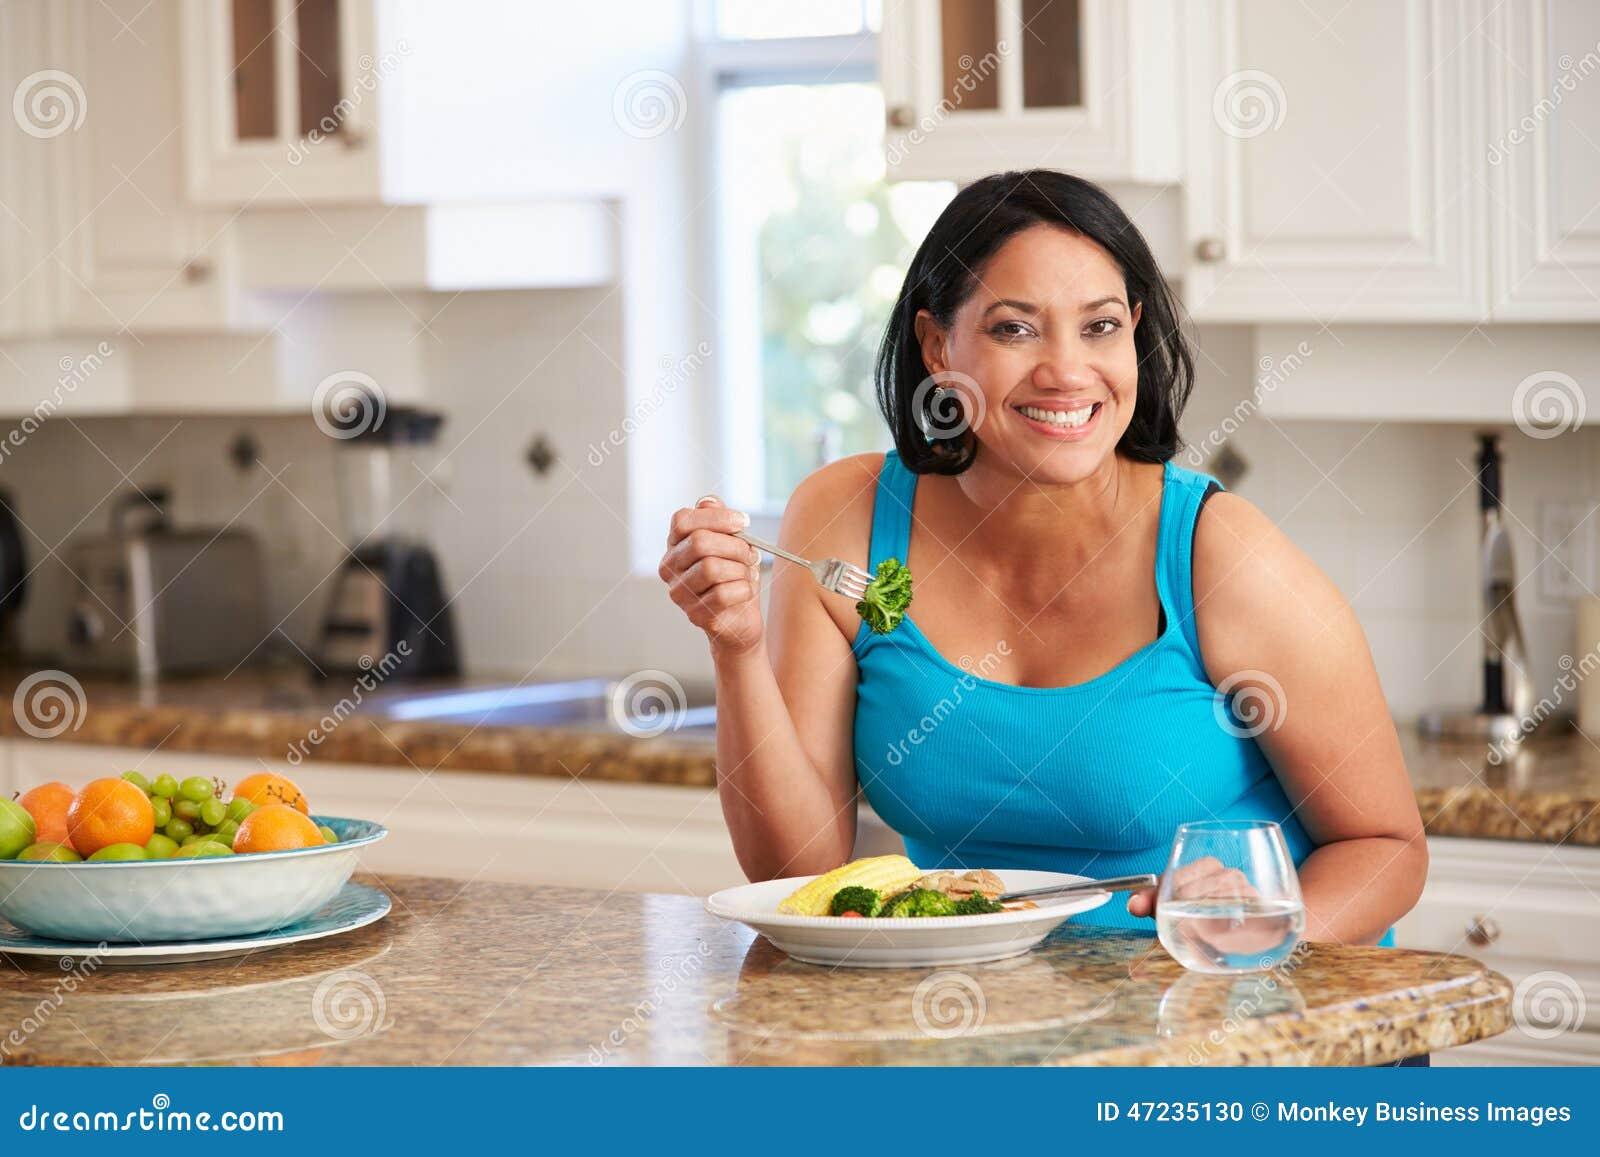 Överviktig kvinna som äter sunt mål i kök